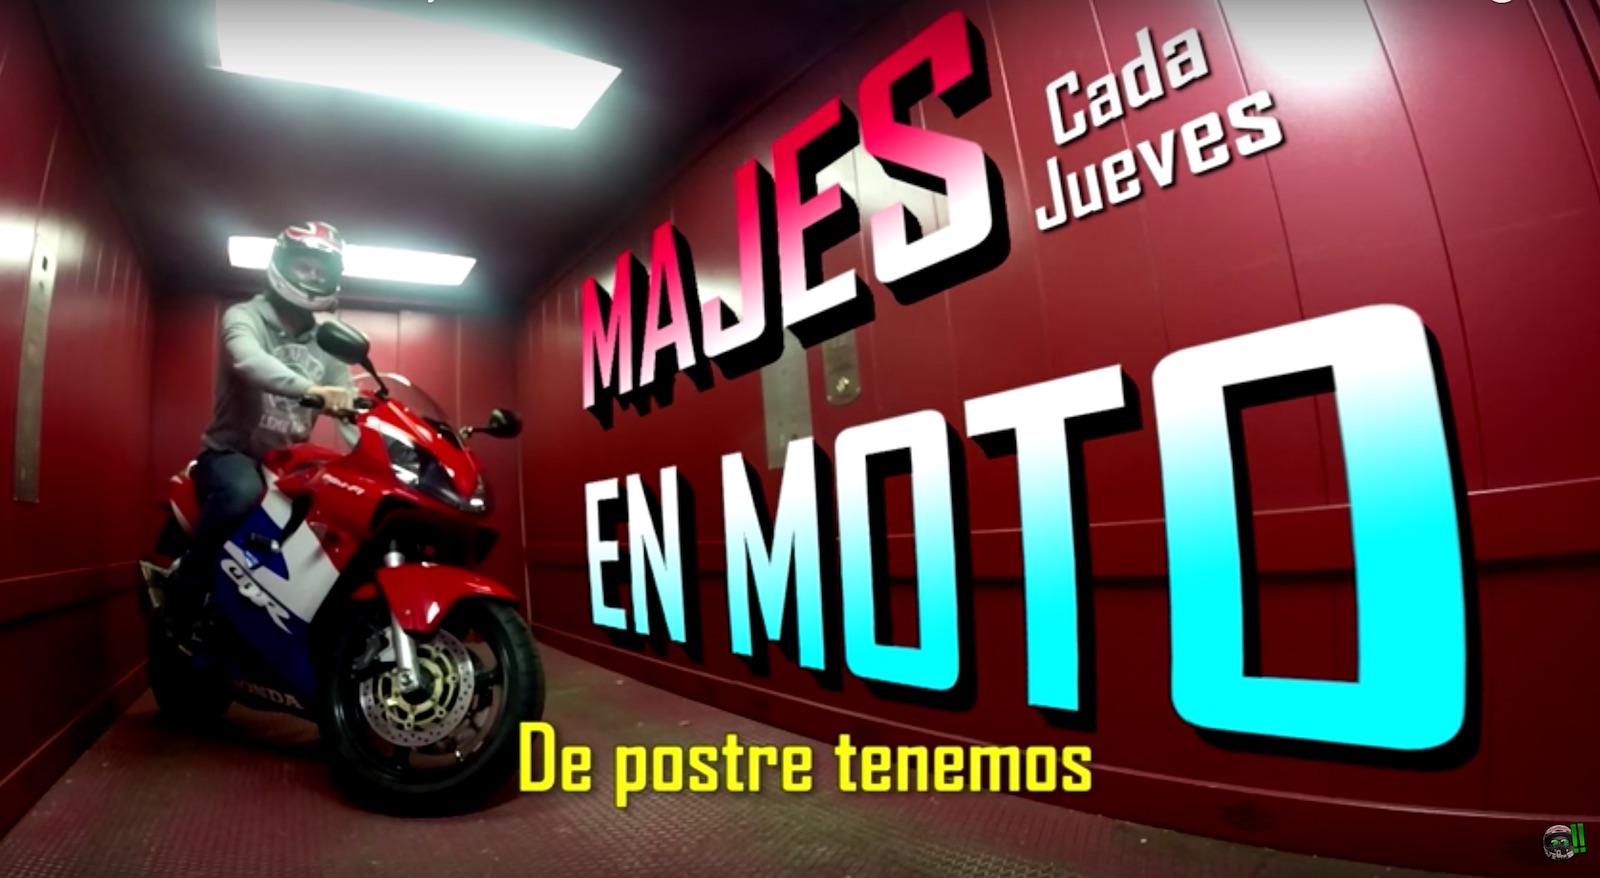 """Entrevista con Majes en Moto: """"Quizás mejore la imagen que tienen algunos enlatados de nosotros"""""""